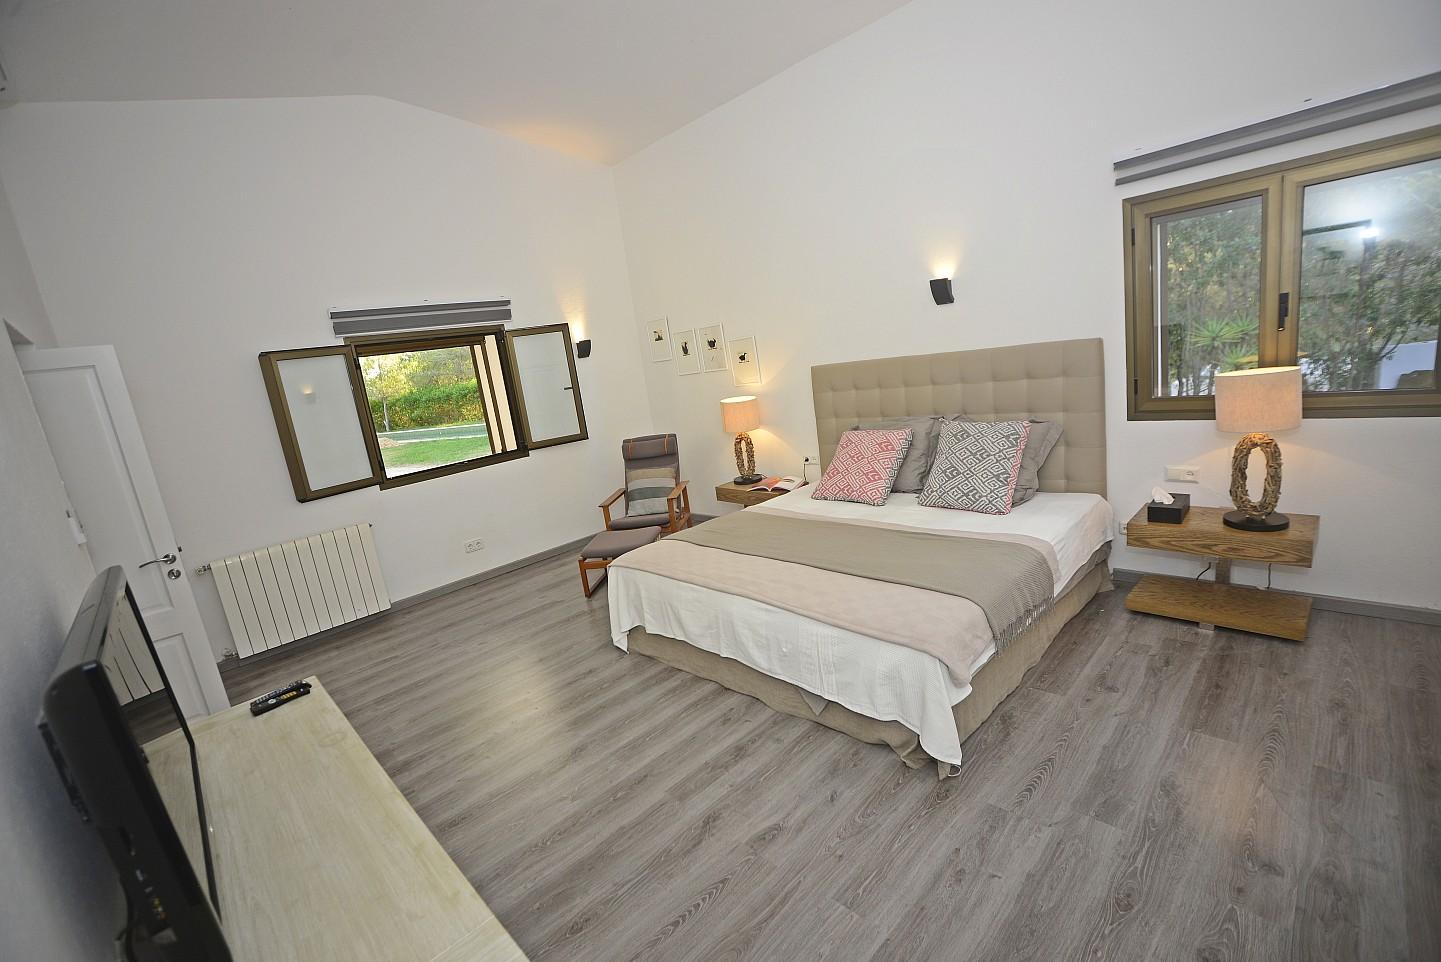 Dormitorio amplio y espacioso